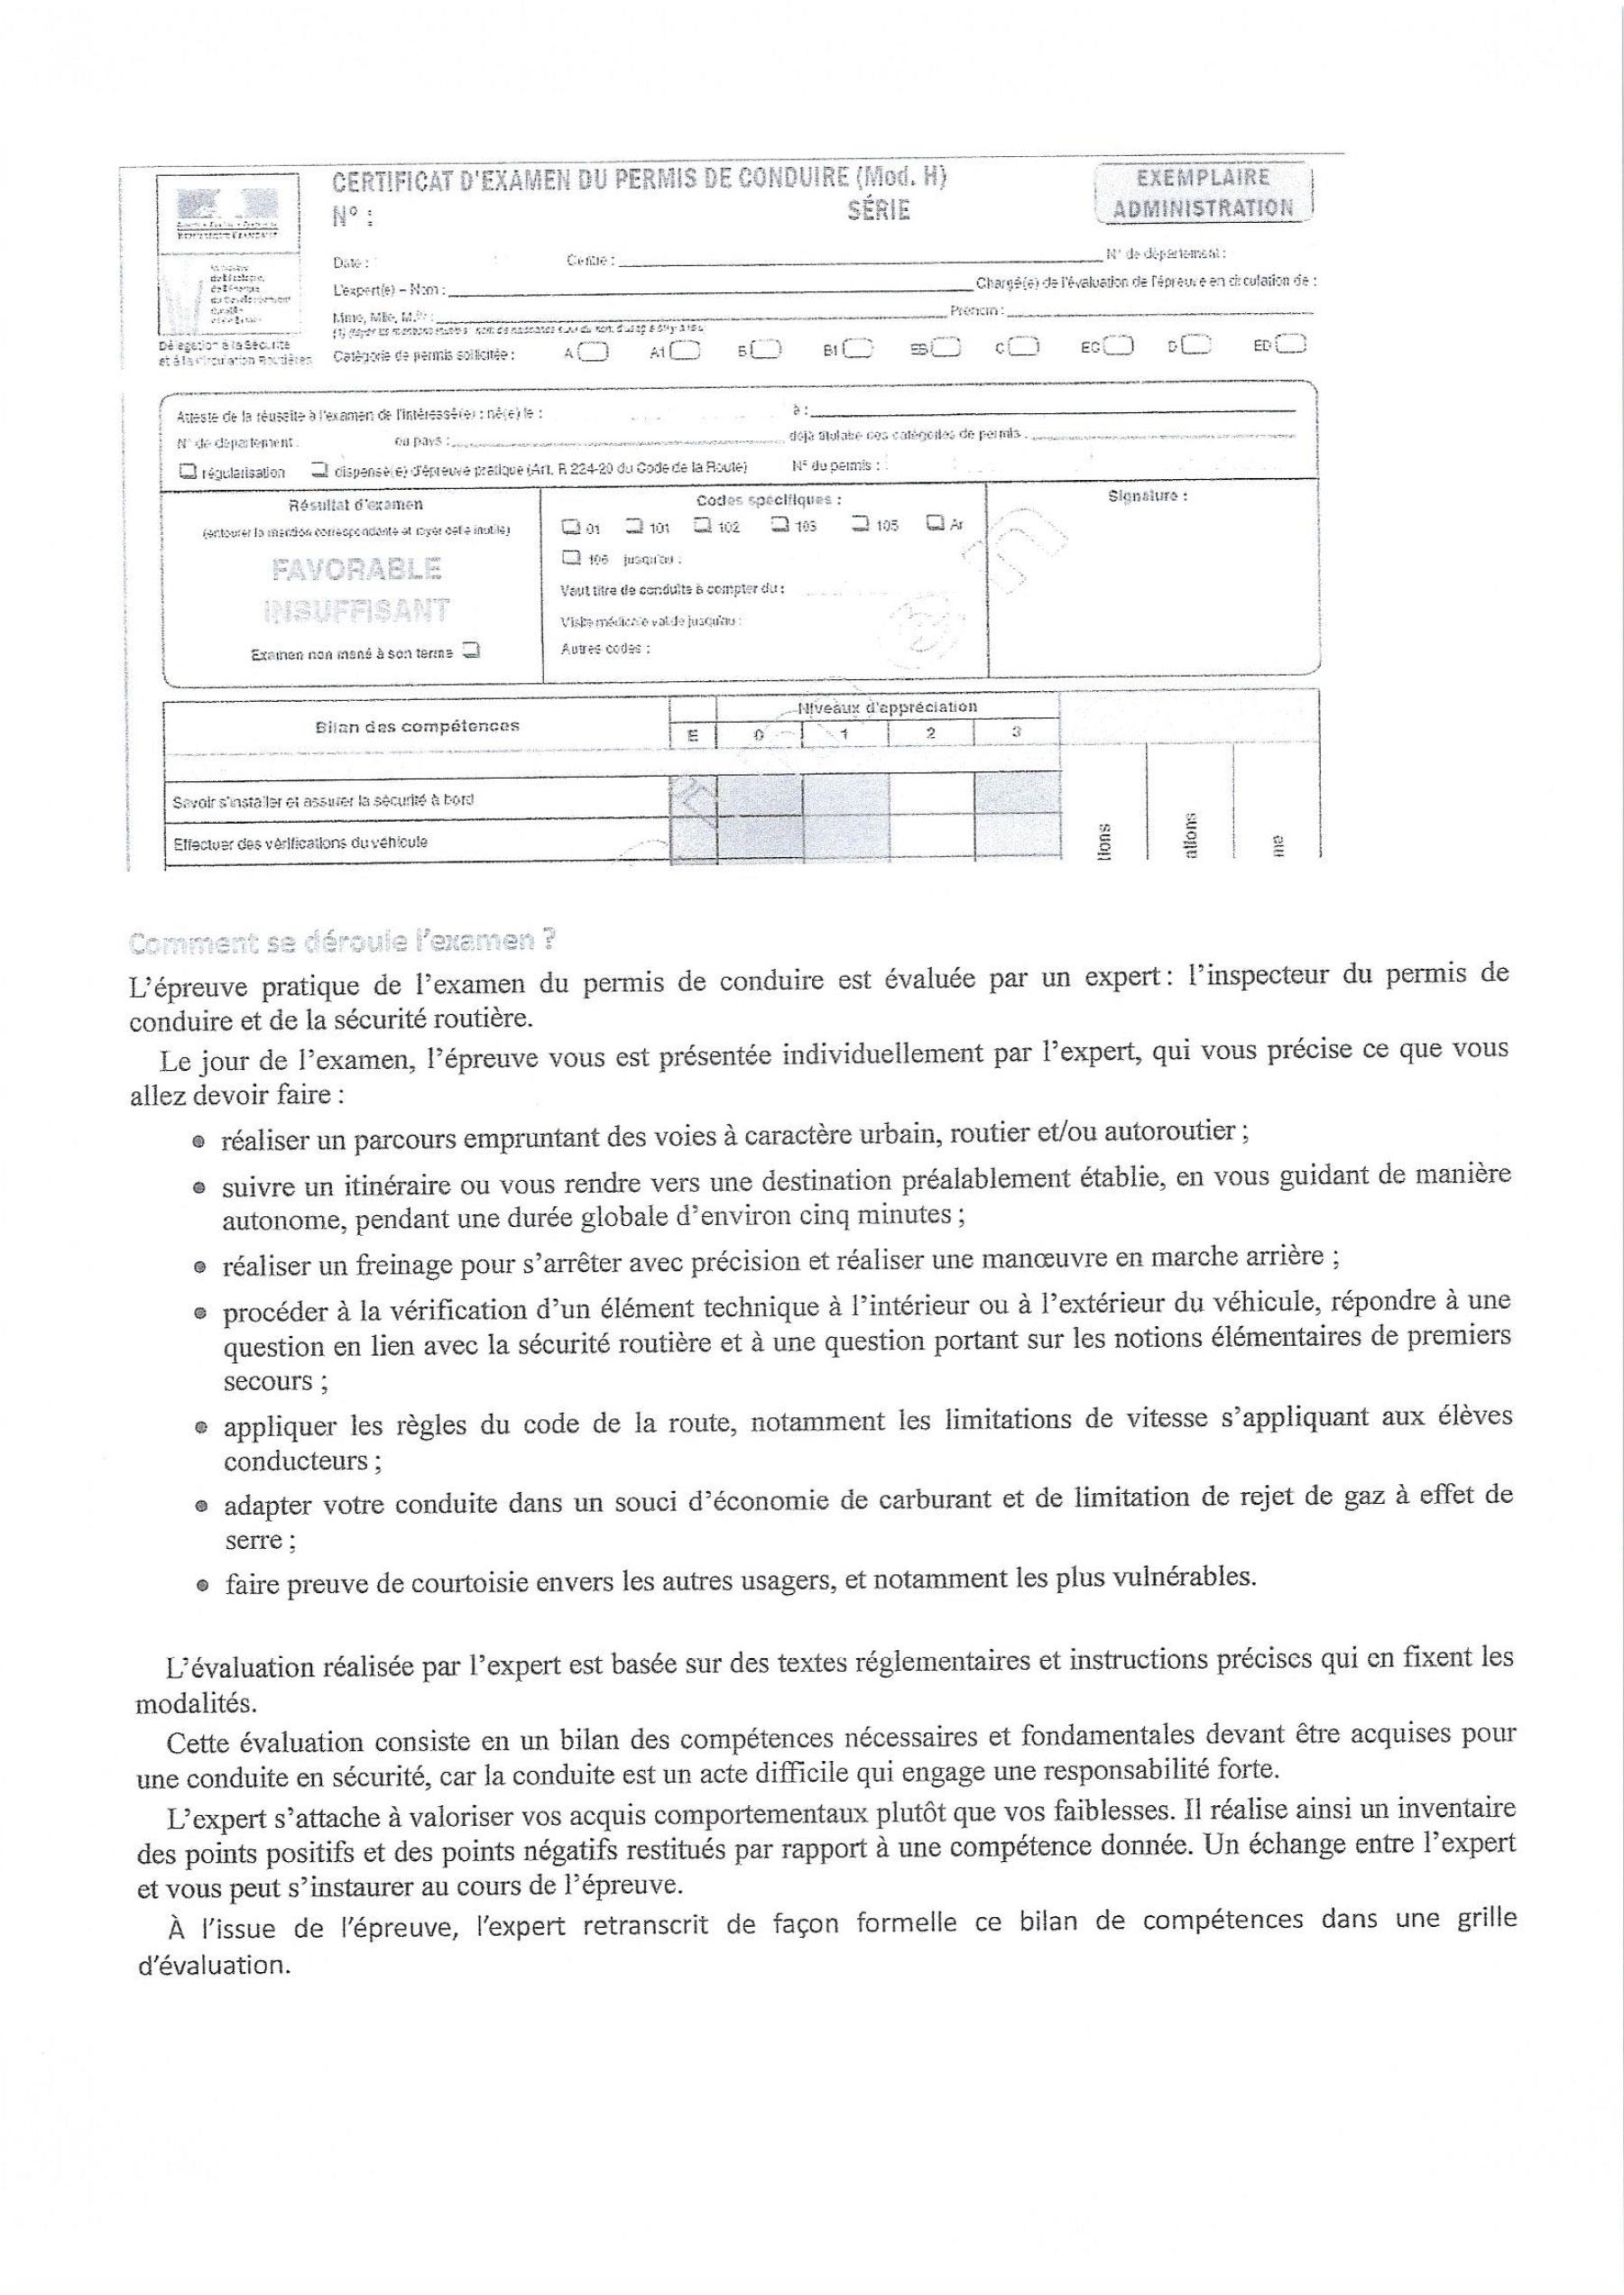 DEROULEMENT-A-LA-CATEGORIS-B-DU-PERMIS-DE-CONDUIRE